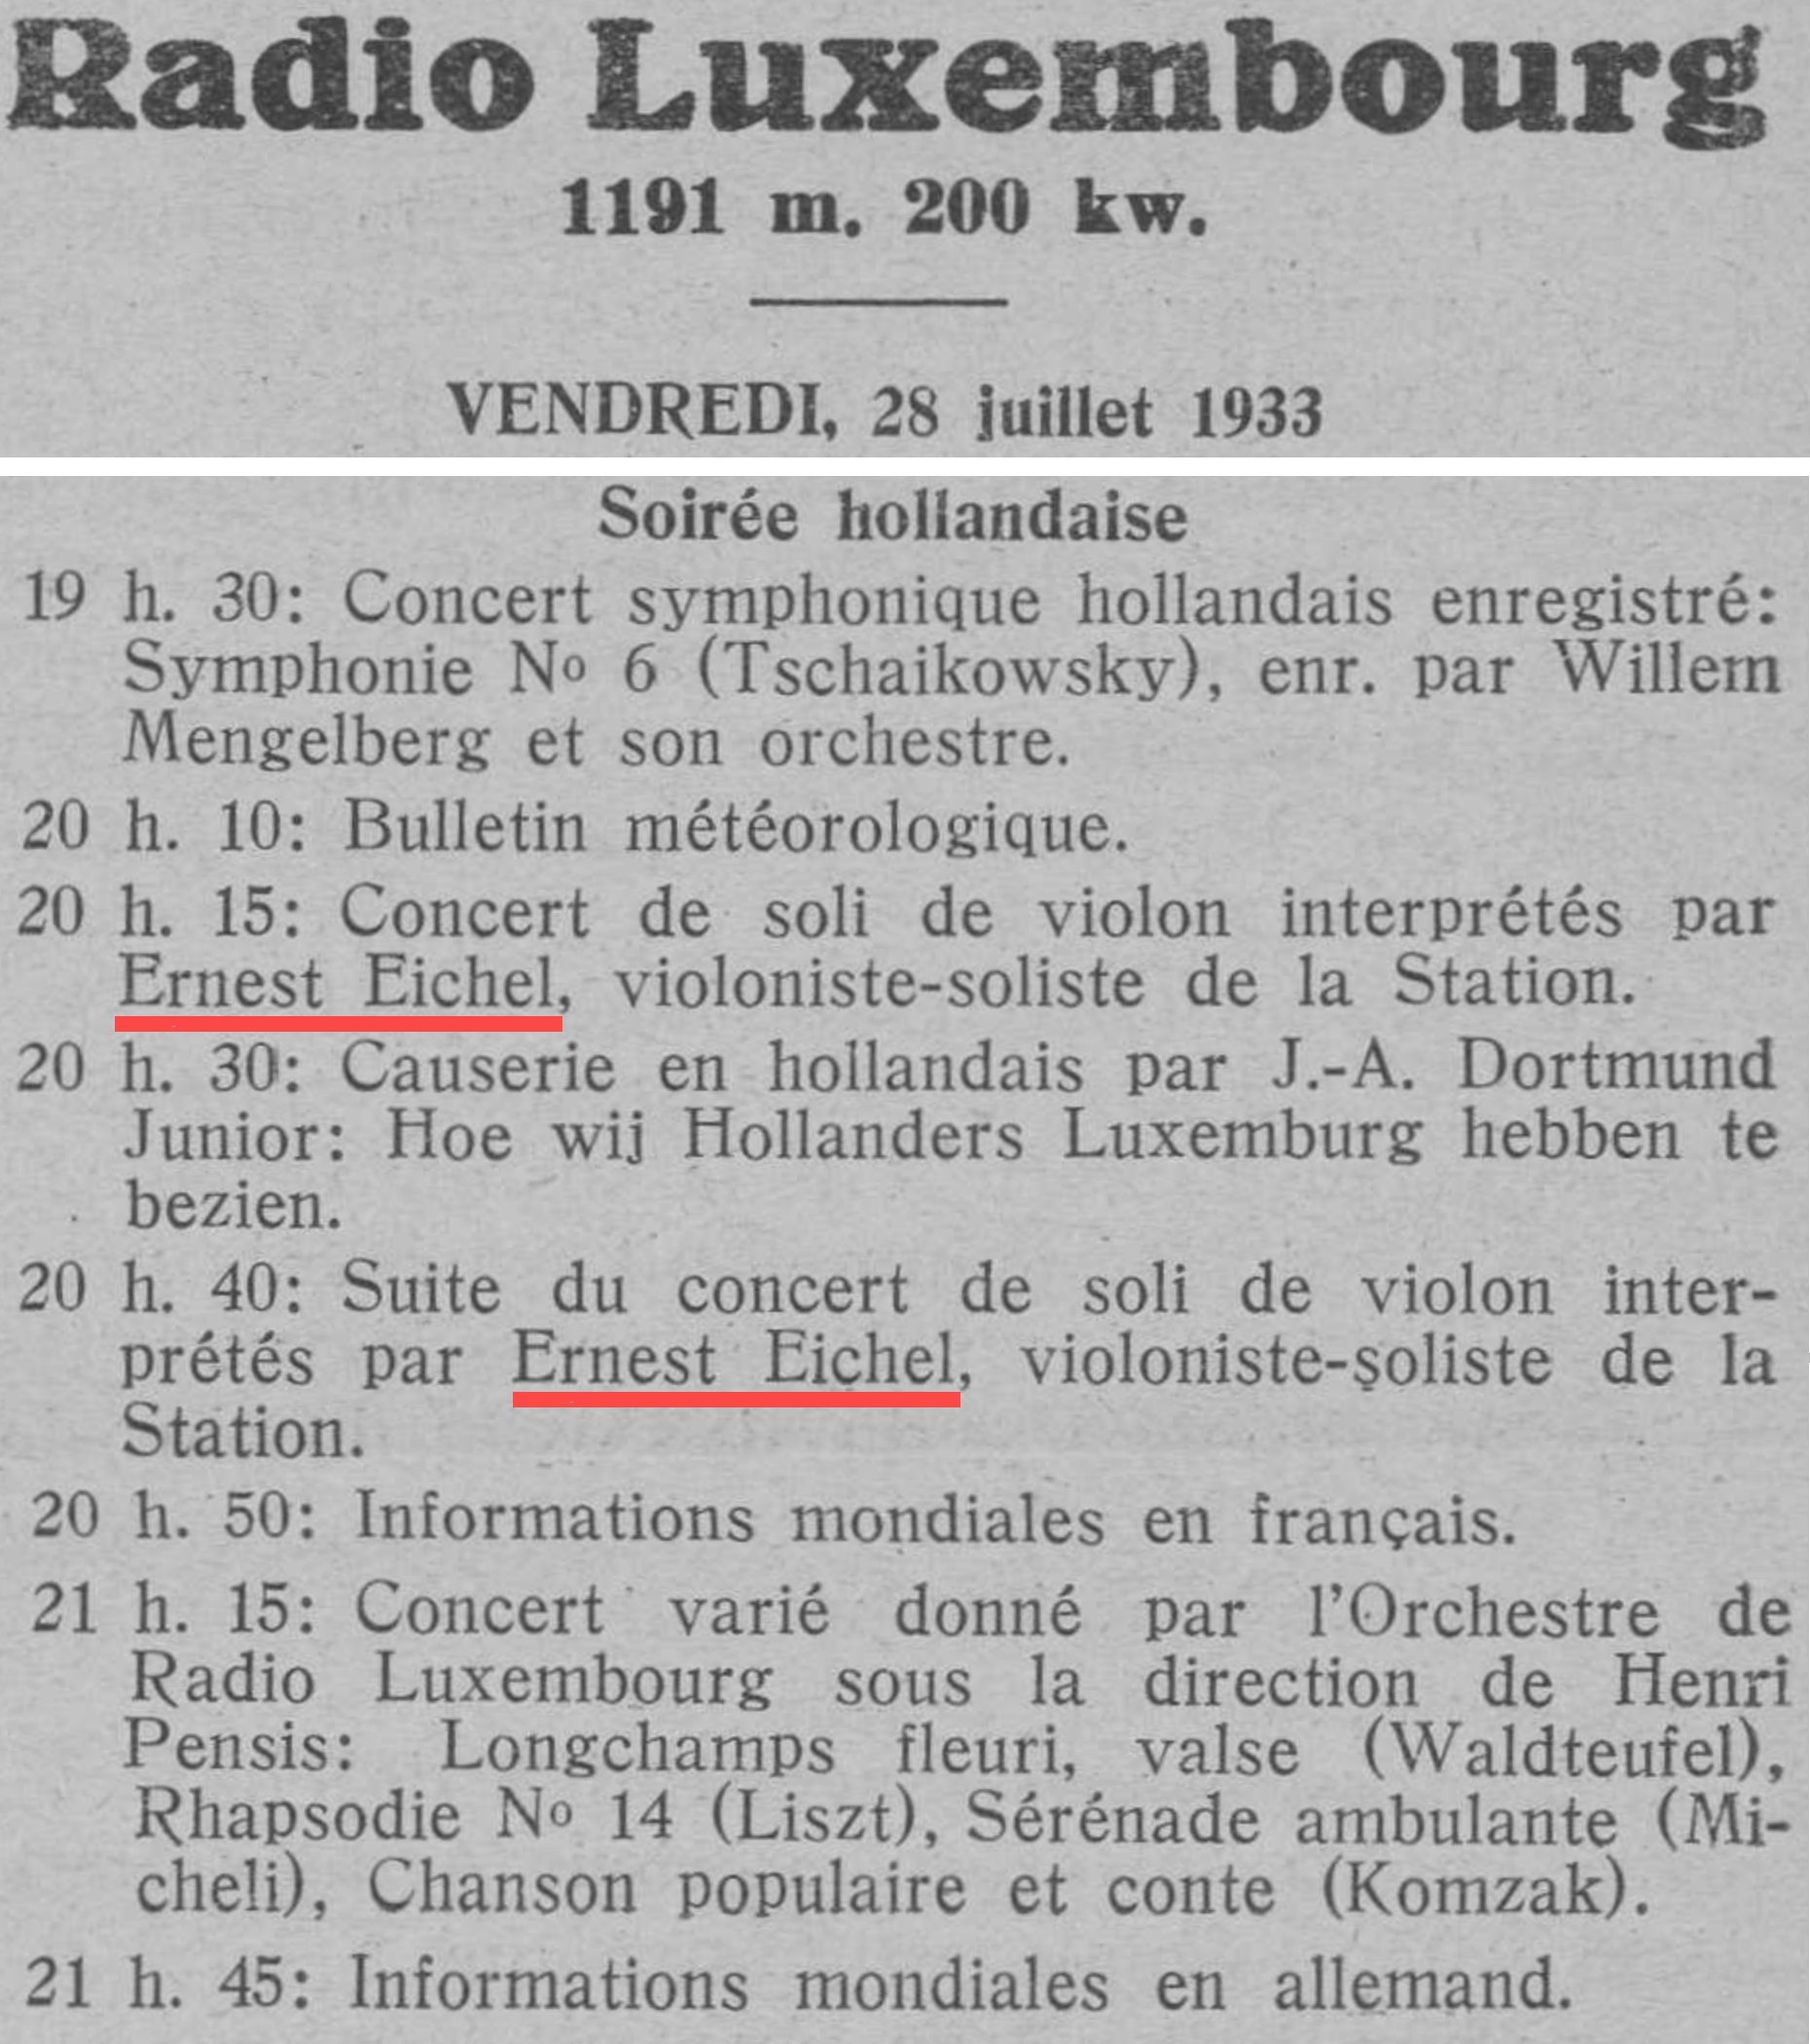 Extrait de l'hebomadaire «L'indépendance luxembourgeoise» du 27 juillet 1933, page 3, cliquer pour une vue agrandie